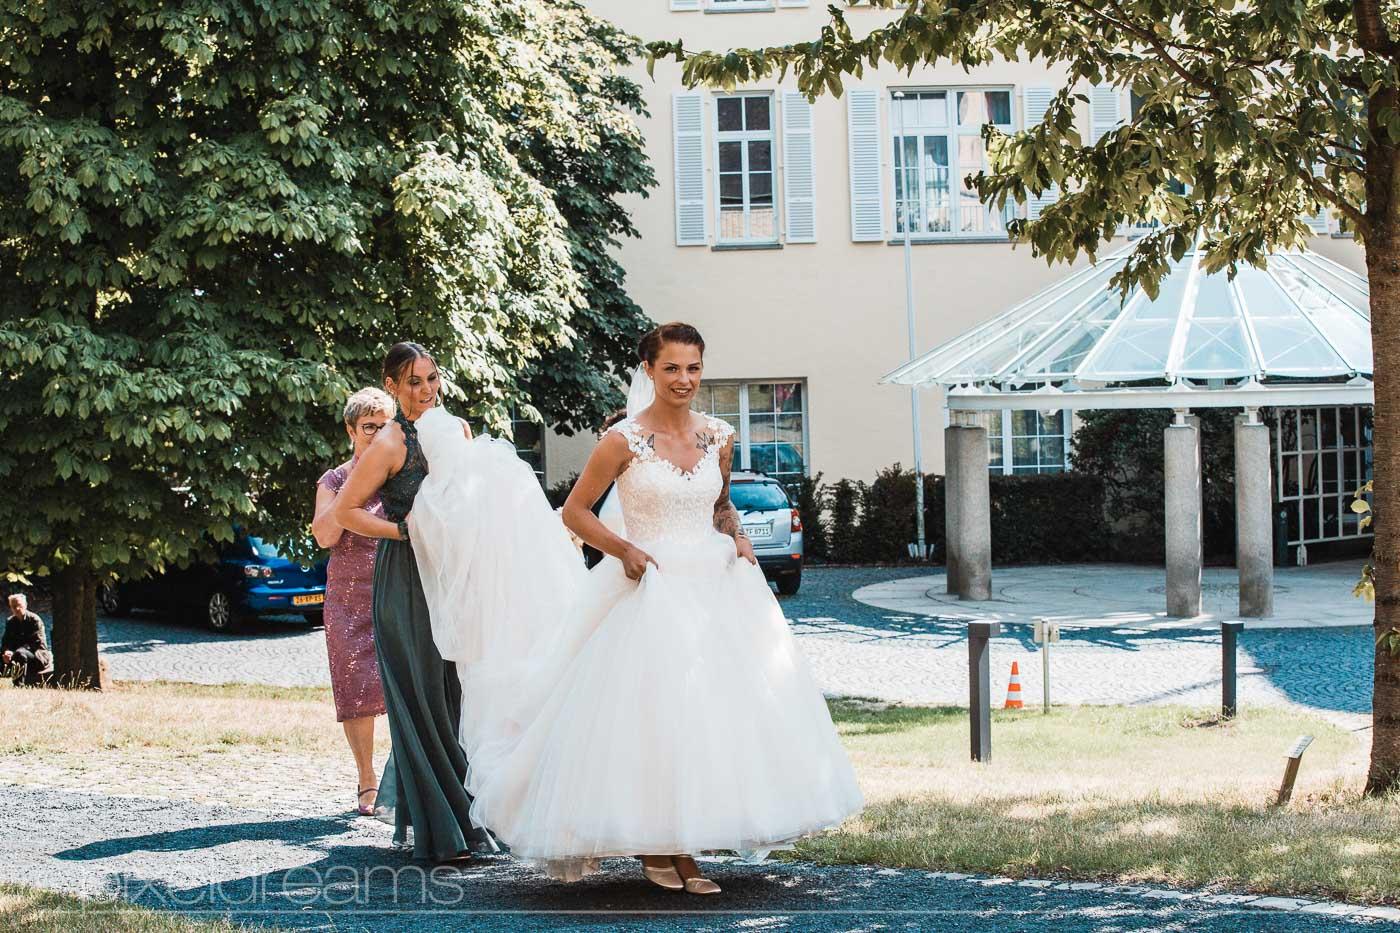 Kurz vor der Trauung, vor der Petersberg-Kapelle. Braut begibt sich zur Kapelle. Hochzeitsfotograf hält diese Situation fest.